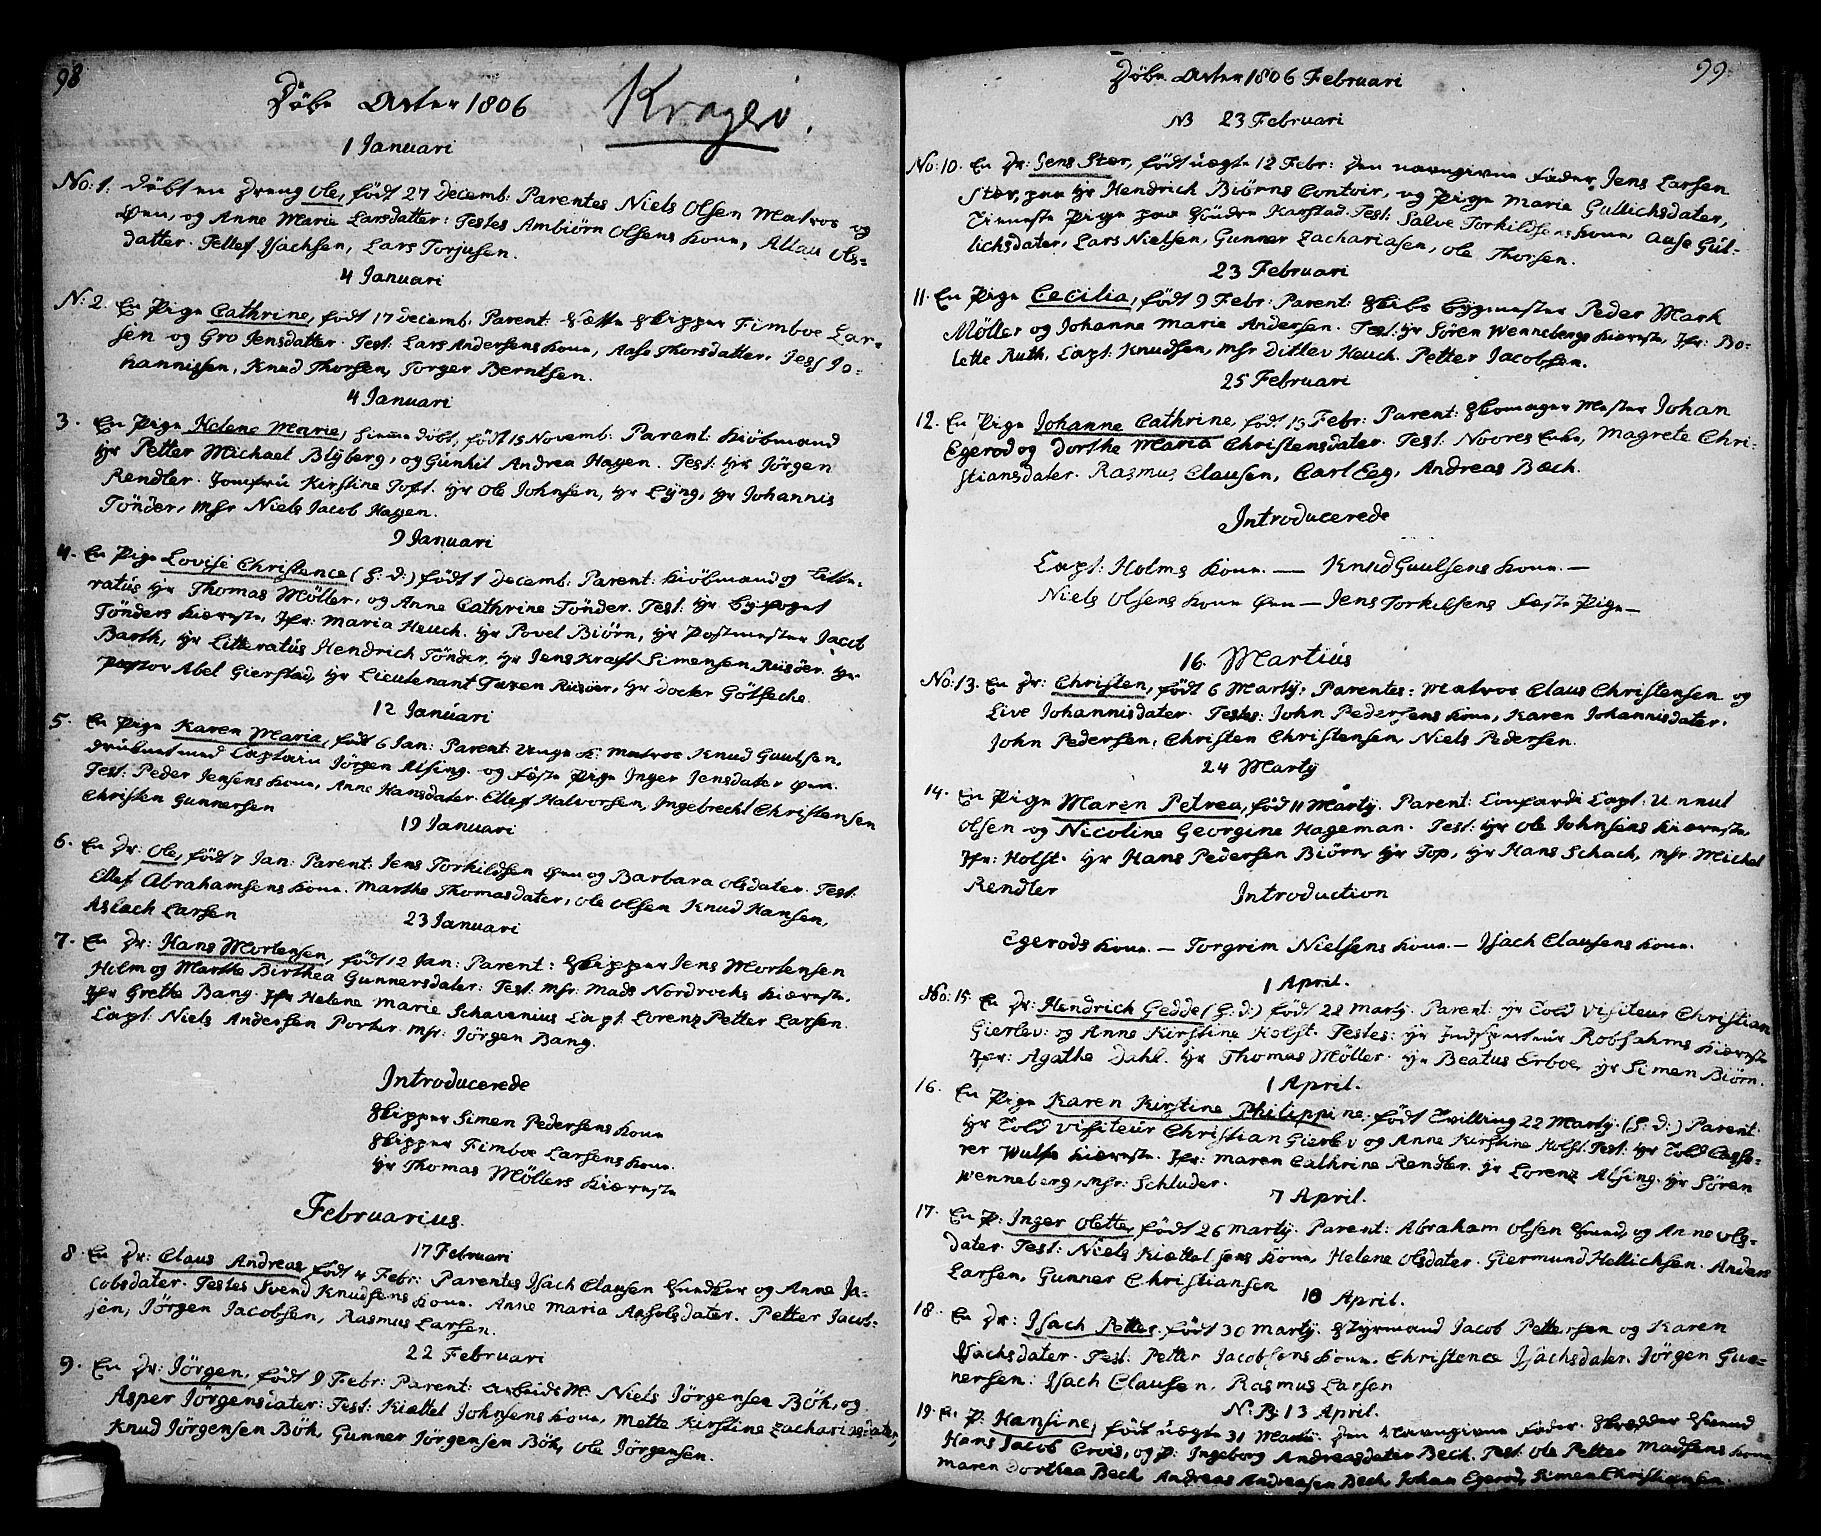 SAKO, Kragerø kirkebøker, G/Ga/L0001: Klokkerbok nr. 1 /1, 1806-1811, s. 98-99